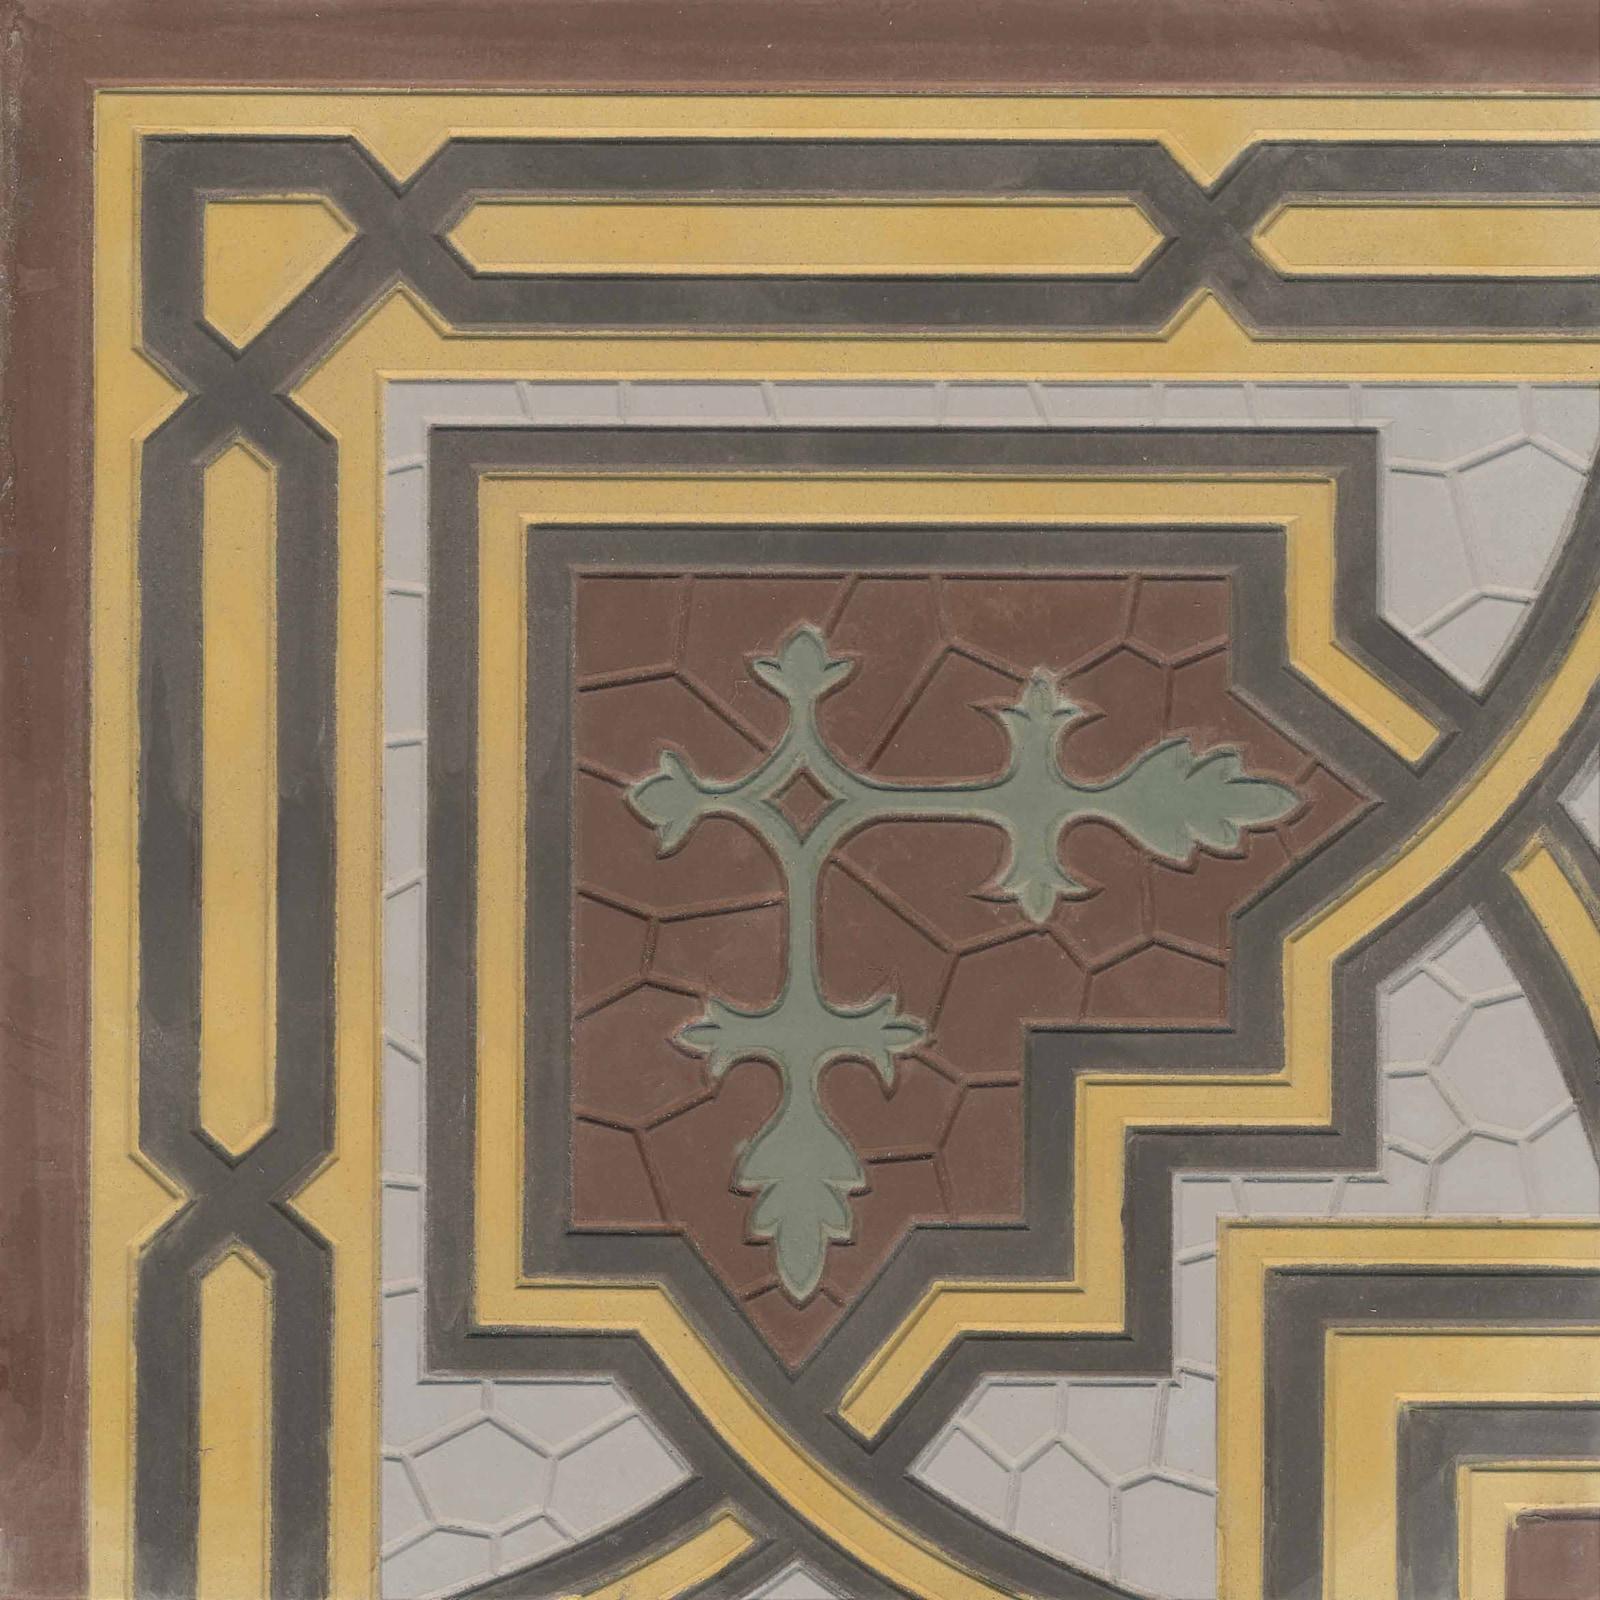 zementmosaikfliesen-nr.43071-viaplatten | 43071